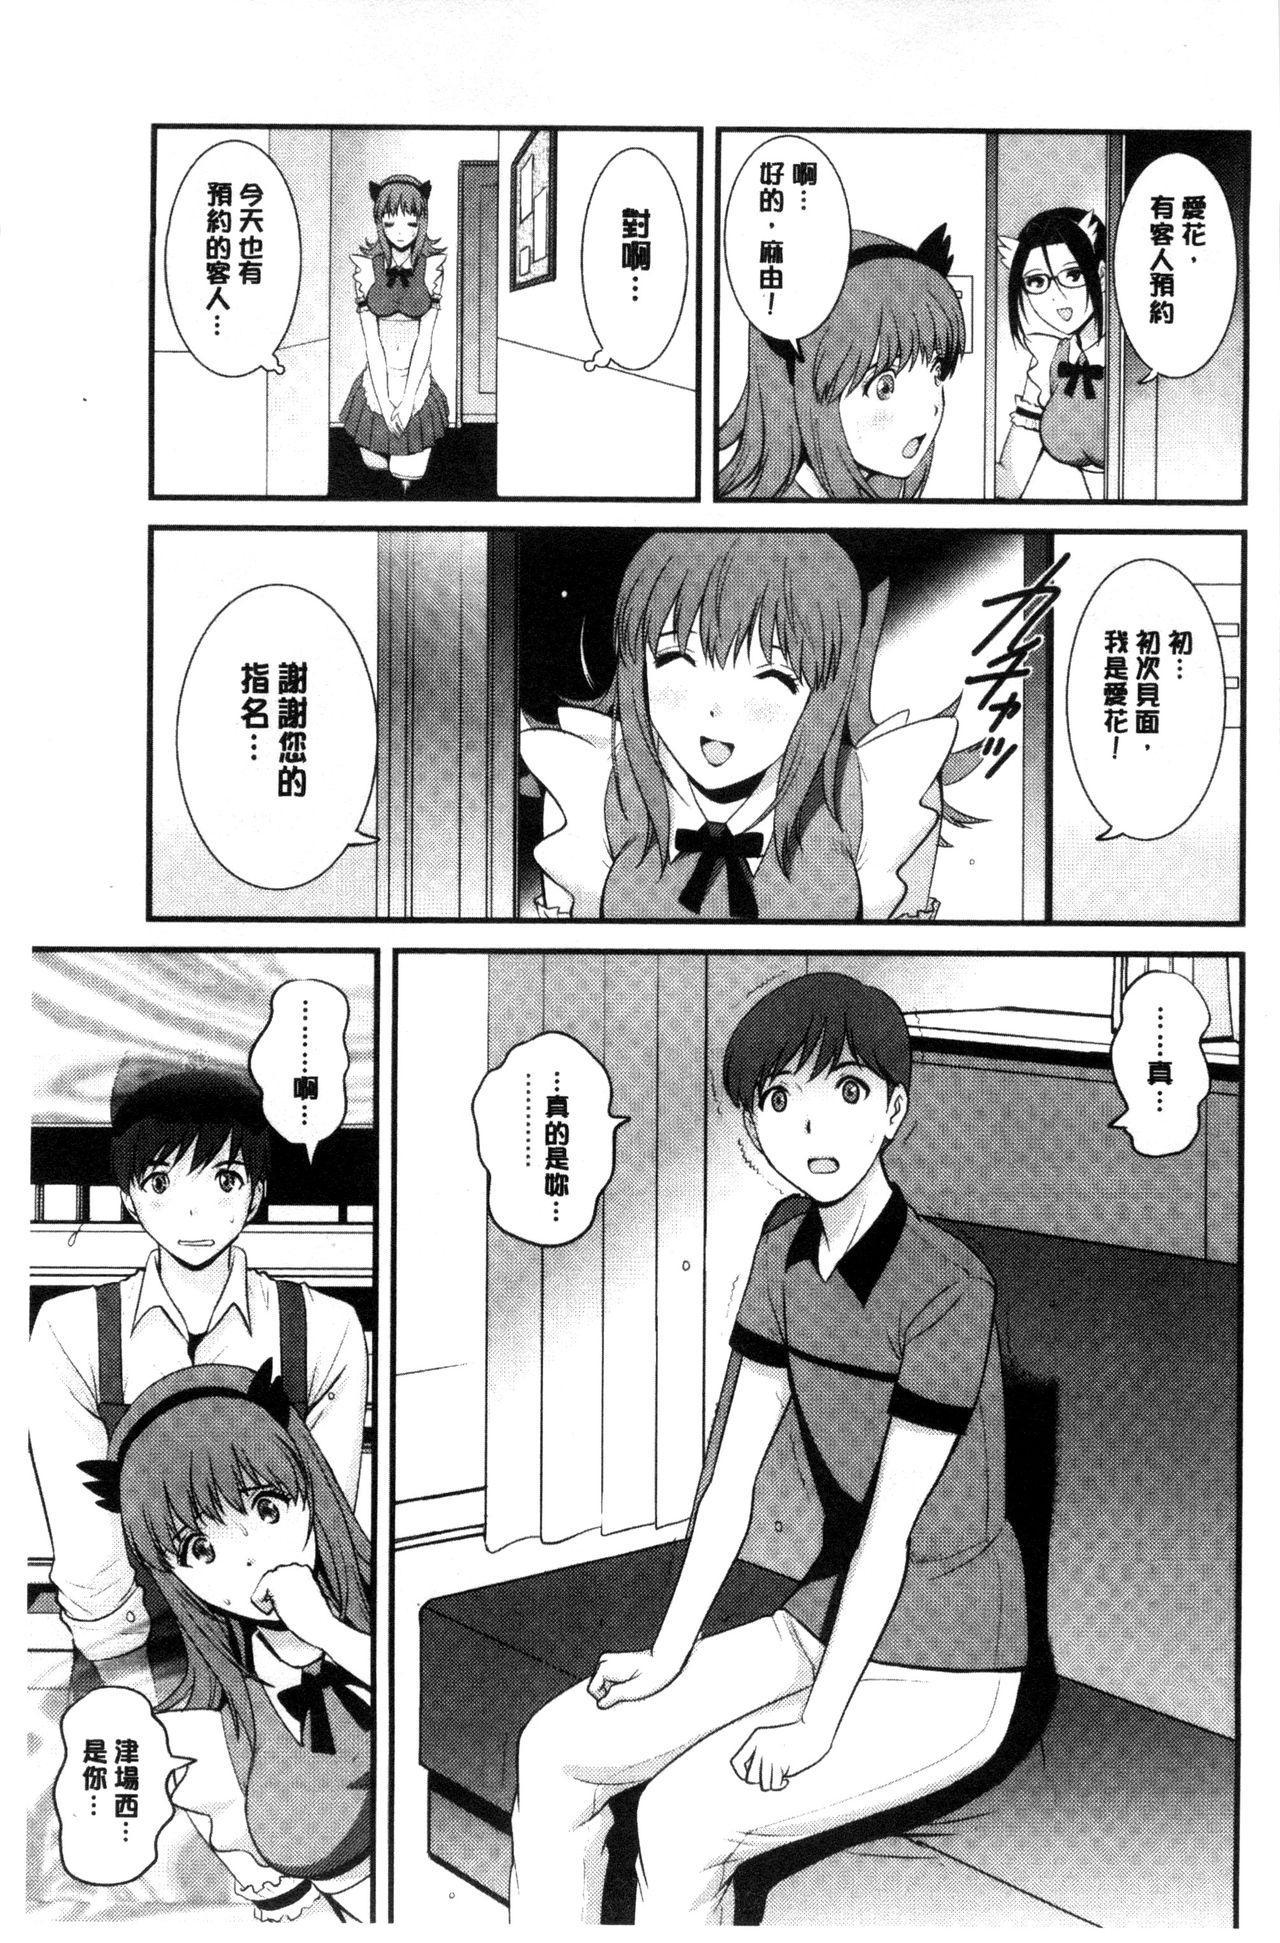 [Saigado] Part Time Manaka-san Wakazuma Enjokousai-ki | 兼職打工的愛花小姐 [Chinese] 67